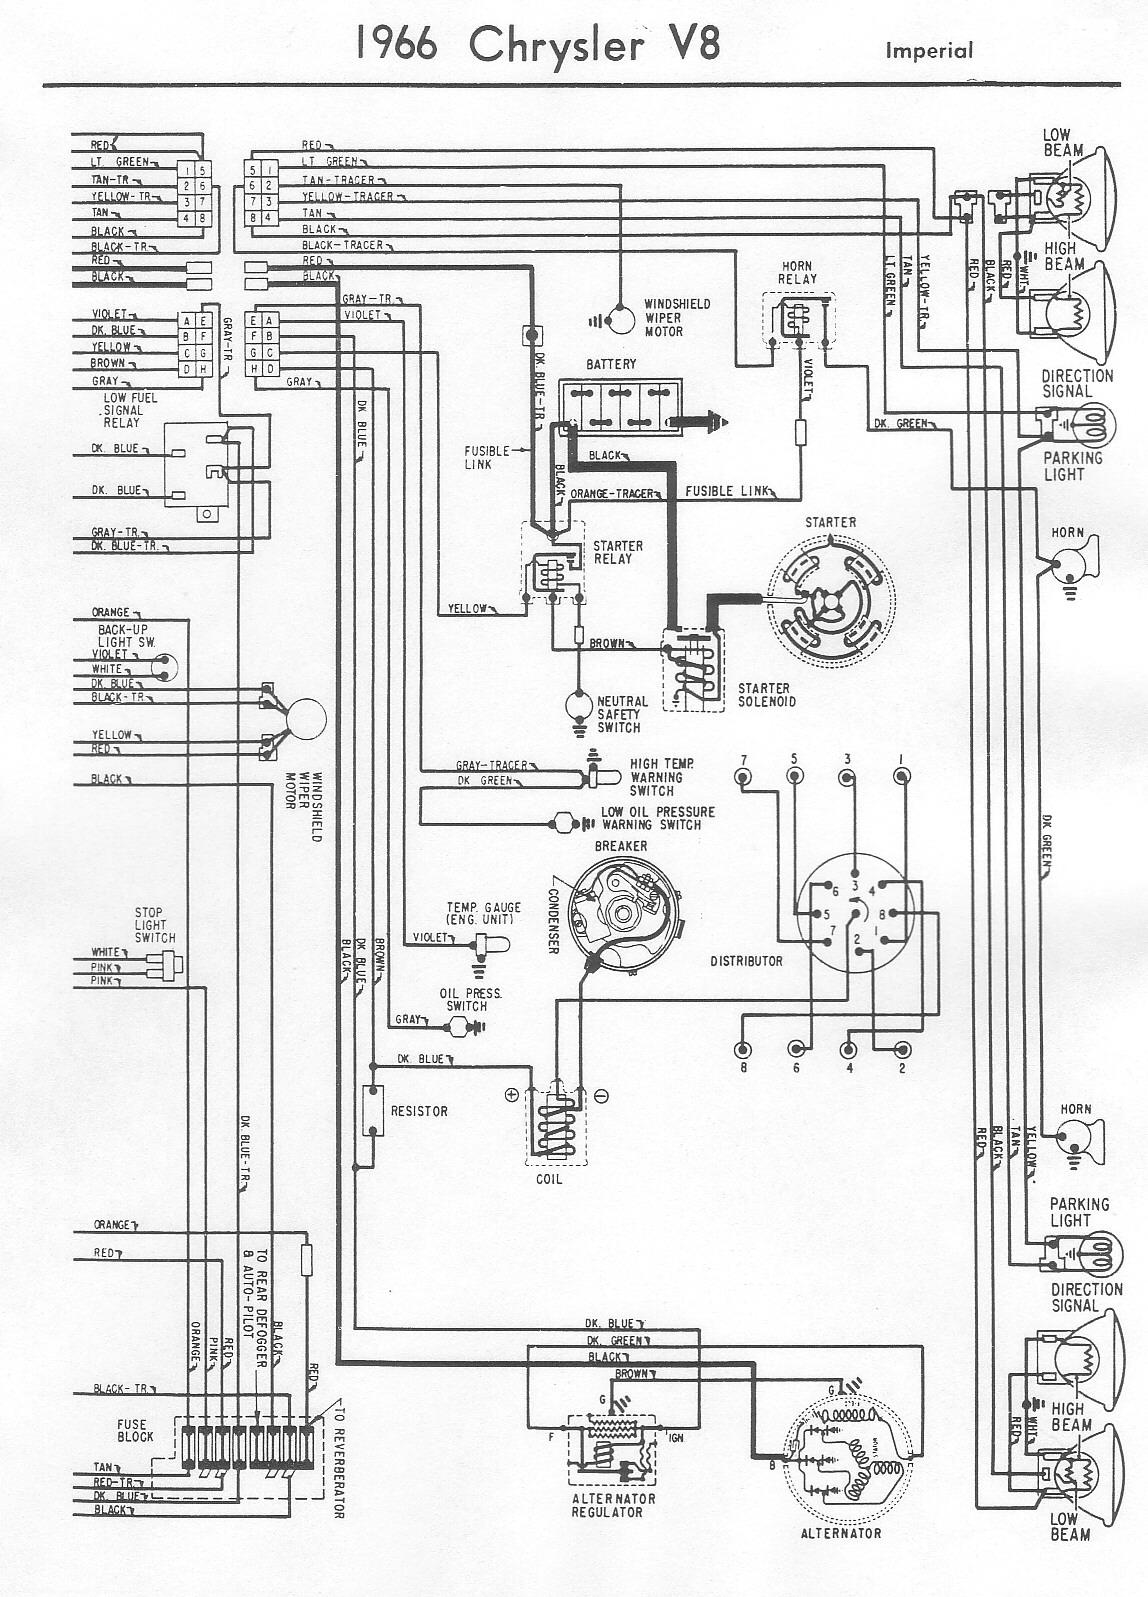 1966 Chrysler 440 Wiring Diagram Online Schematics Big Block 1967 Plymouth Gtx Diagrams